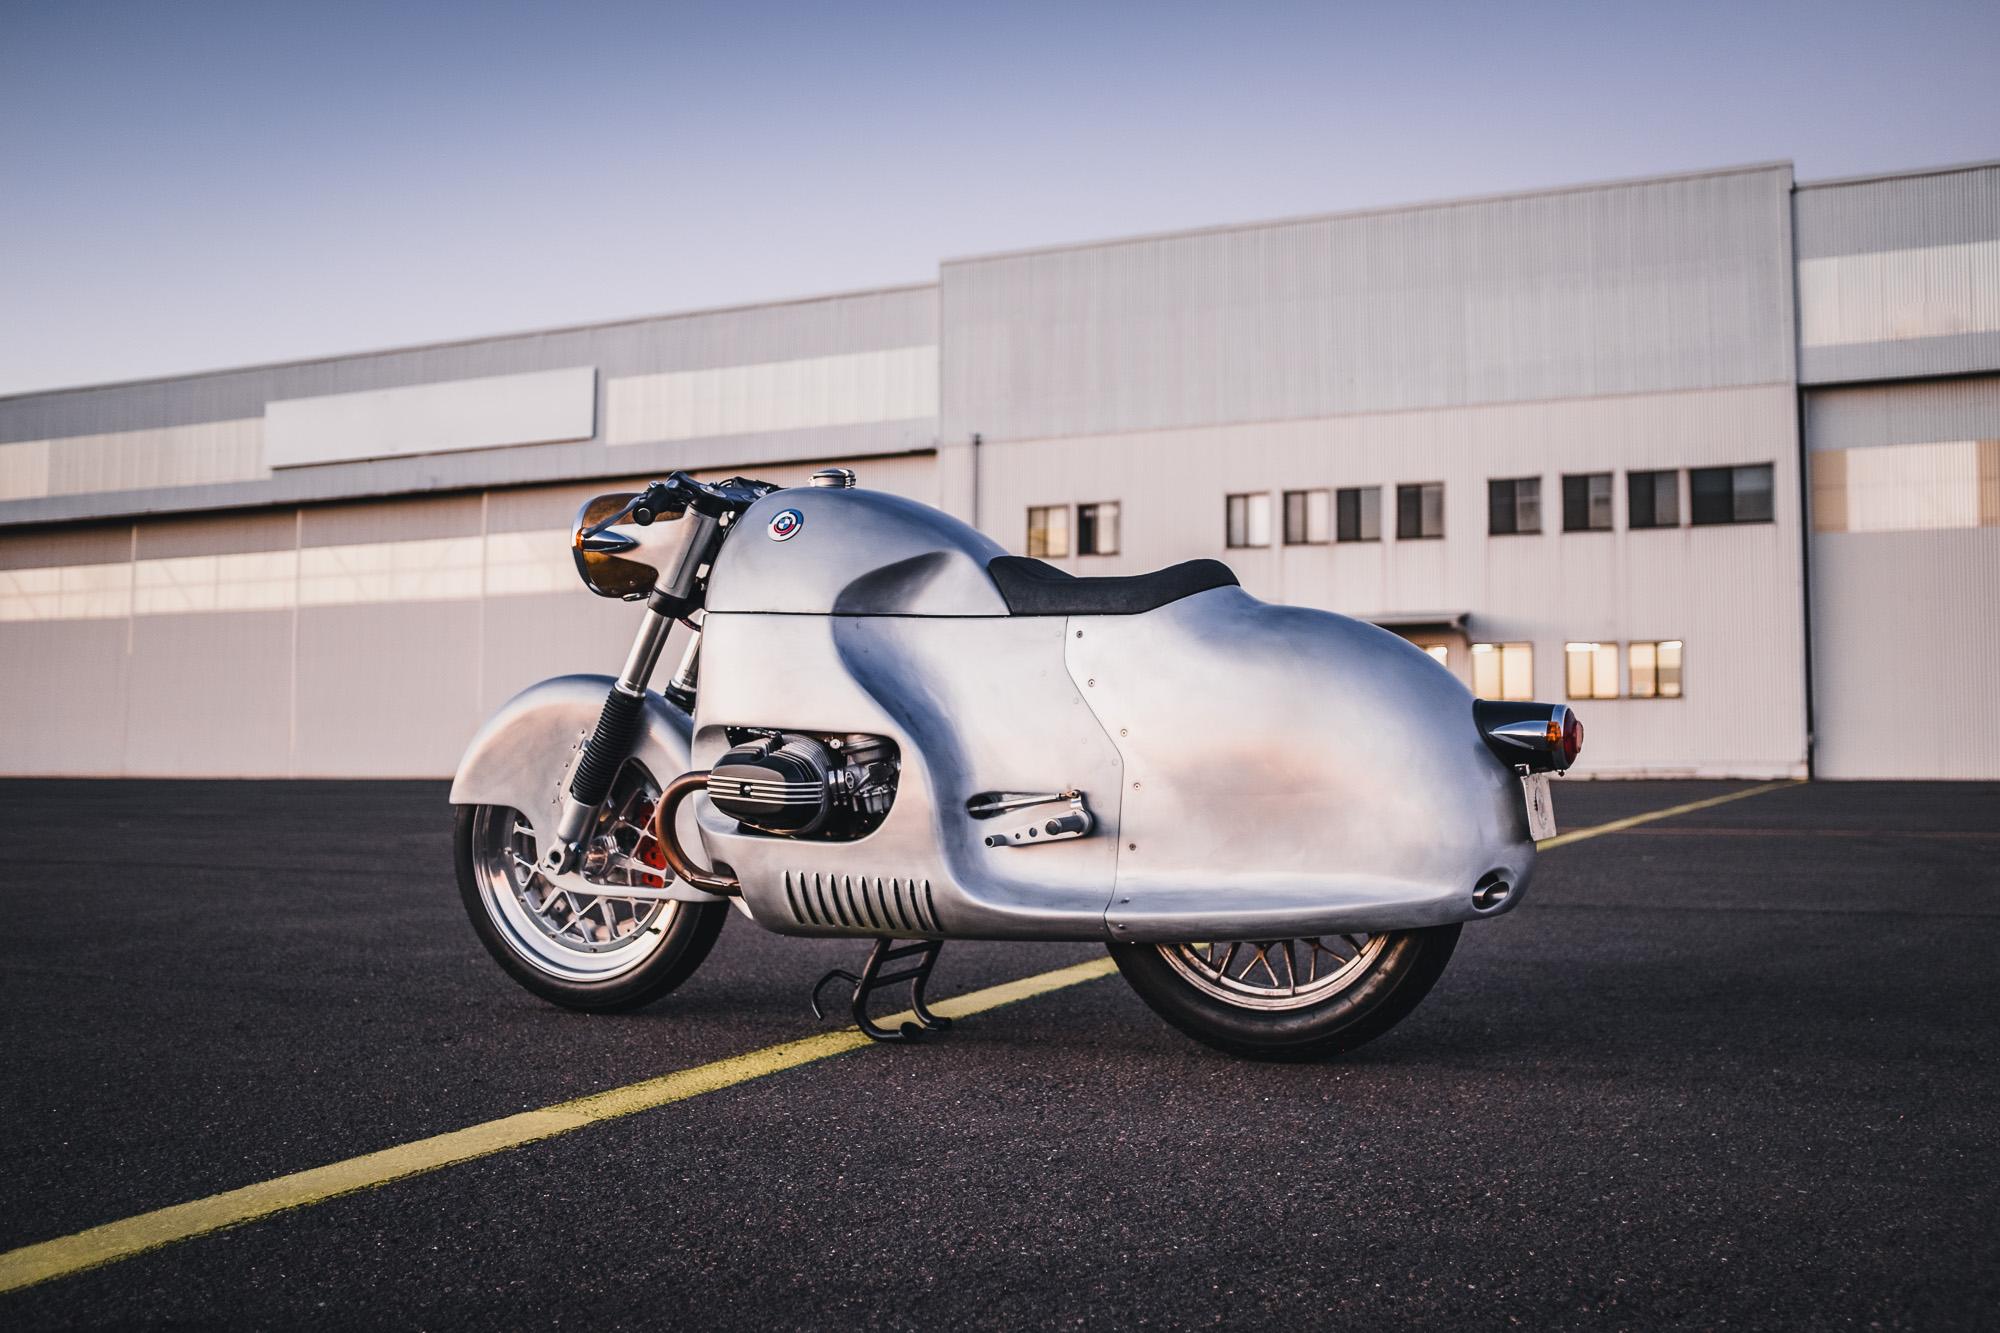 A custom BMW R100RS motorcycle with a full aerodynamic fairing by MotorRetro Sydney